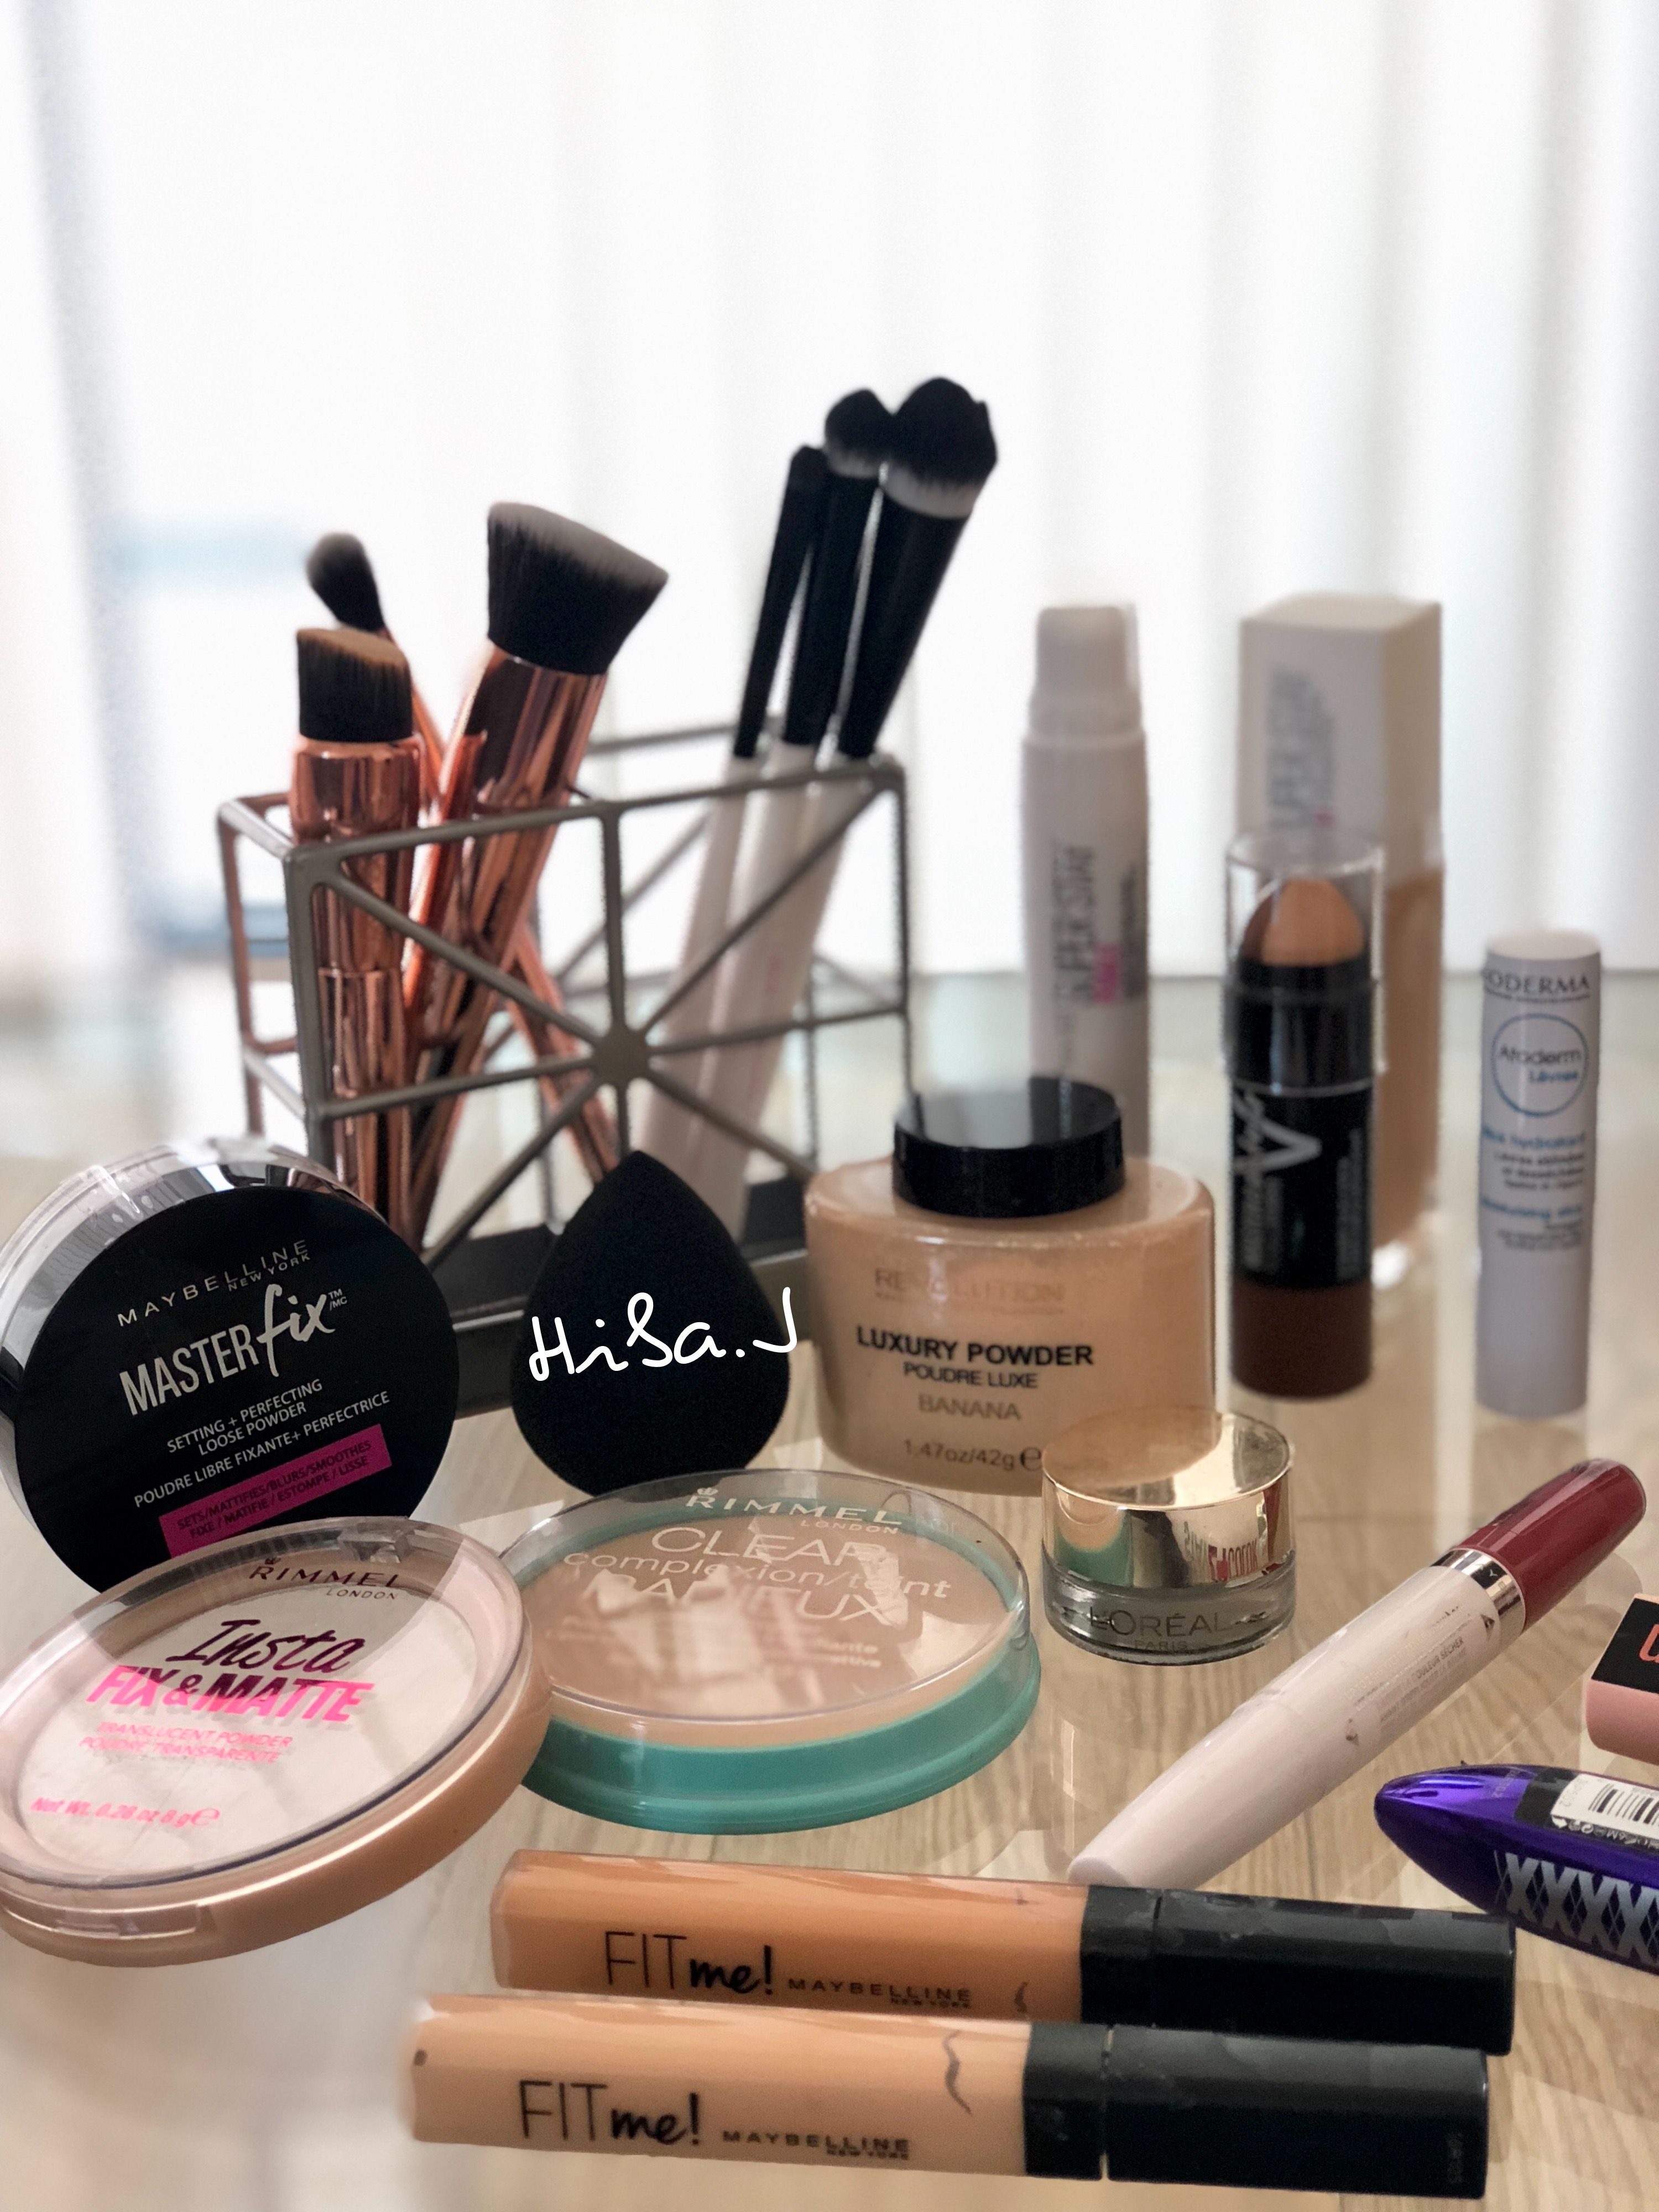 Pin by Hiba J on Top makeup brands Top makeup brands